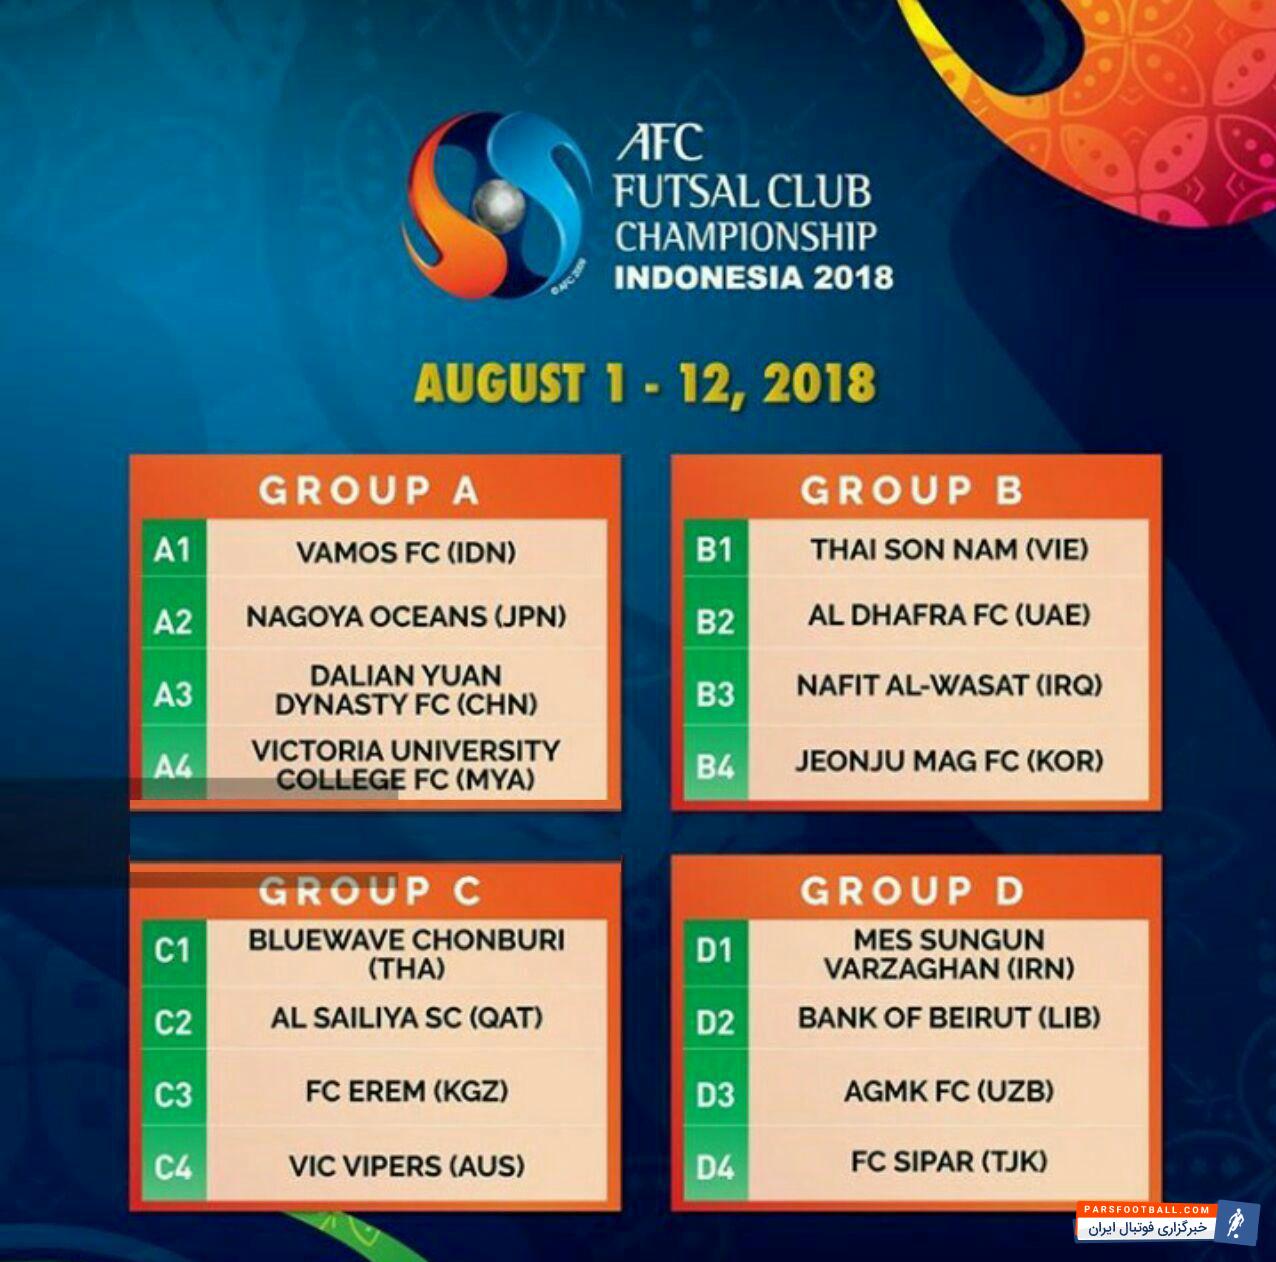 قرعه کشی رقابت های جام باشگاه های فوتسال آسیا انجام شد و حریفان مس سونگون مشخص شدند.